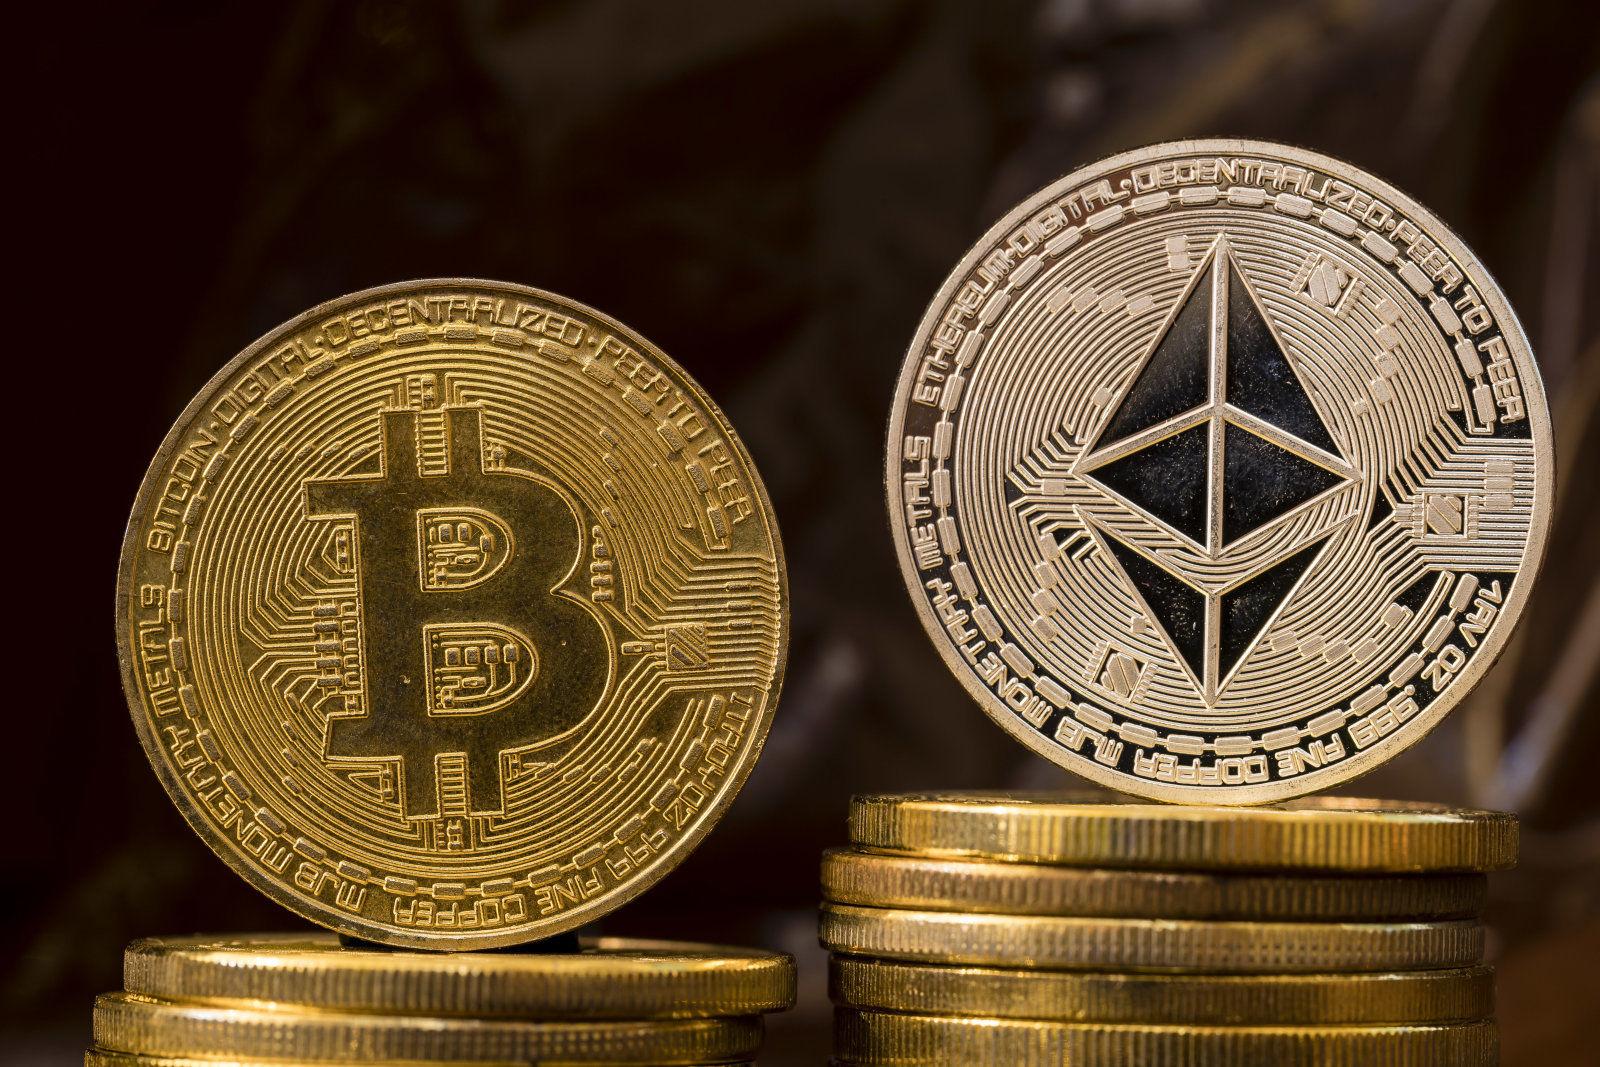 暗号資産 仮想通貨 中野究